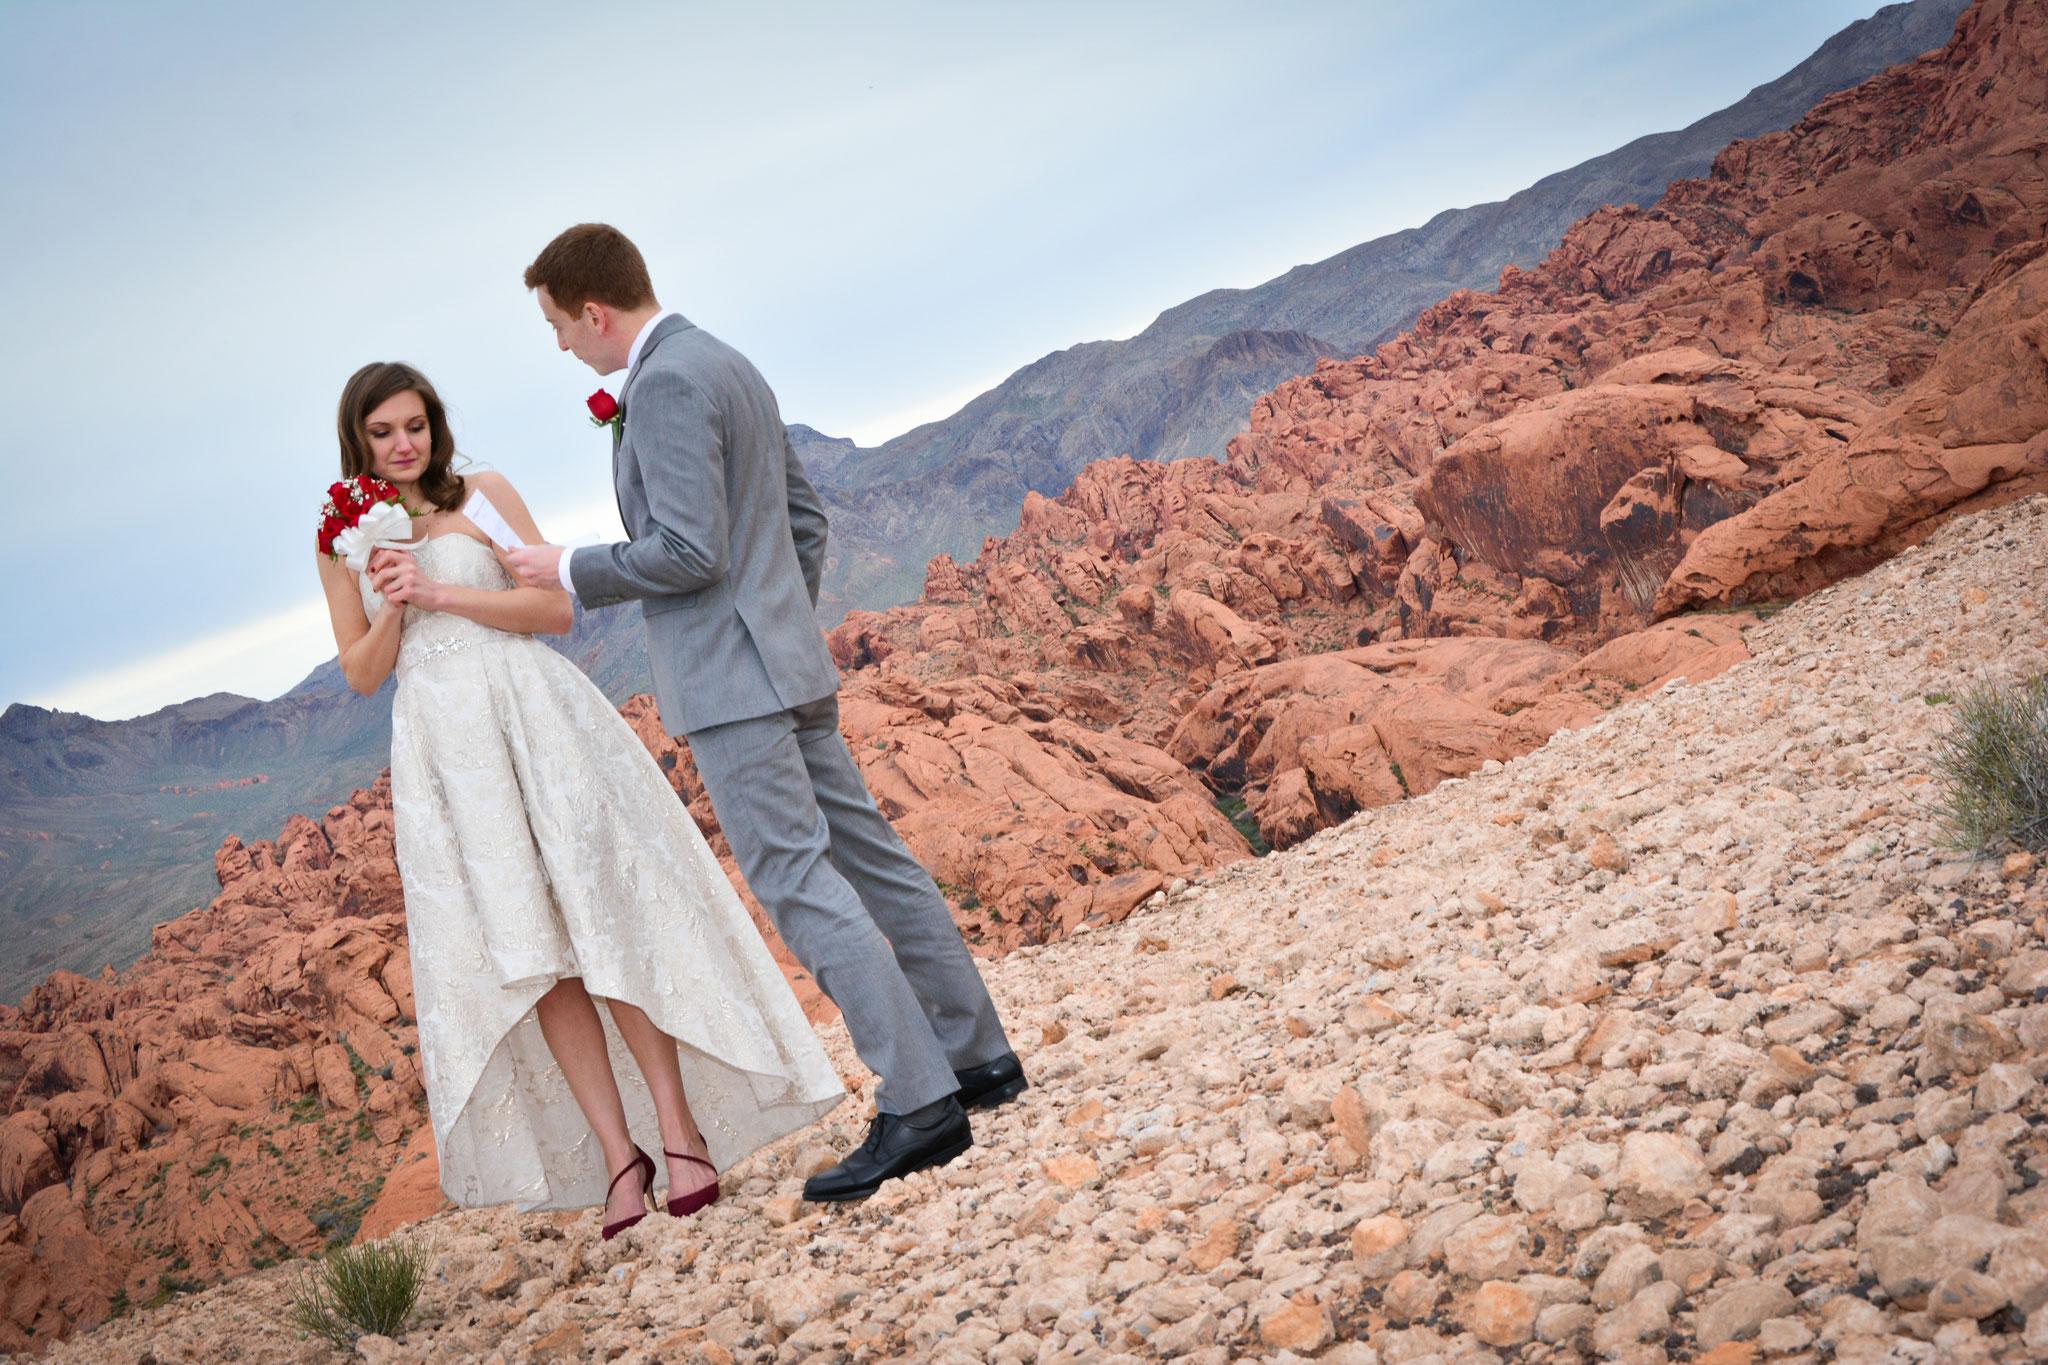 Las Vegas und die Wüste kann so schön sein